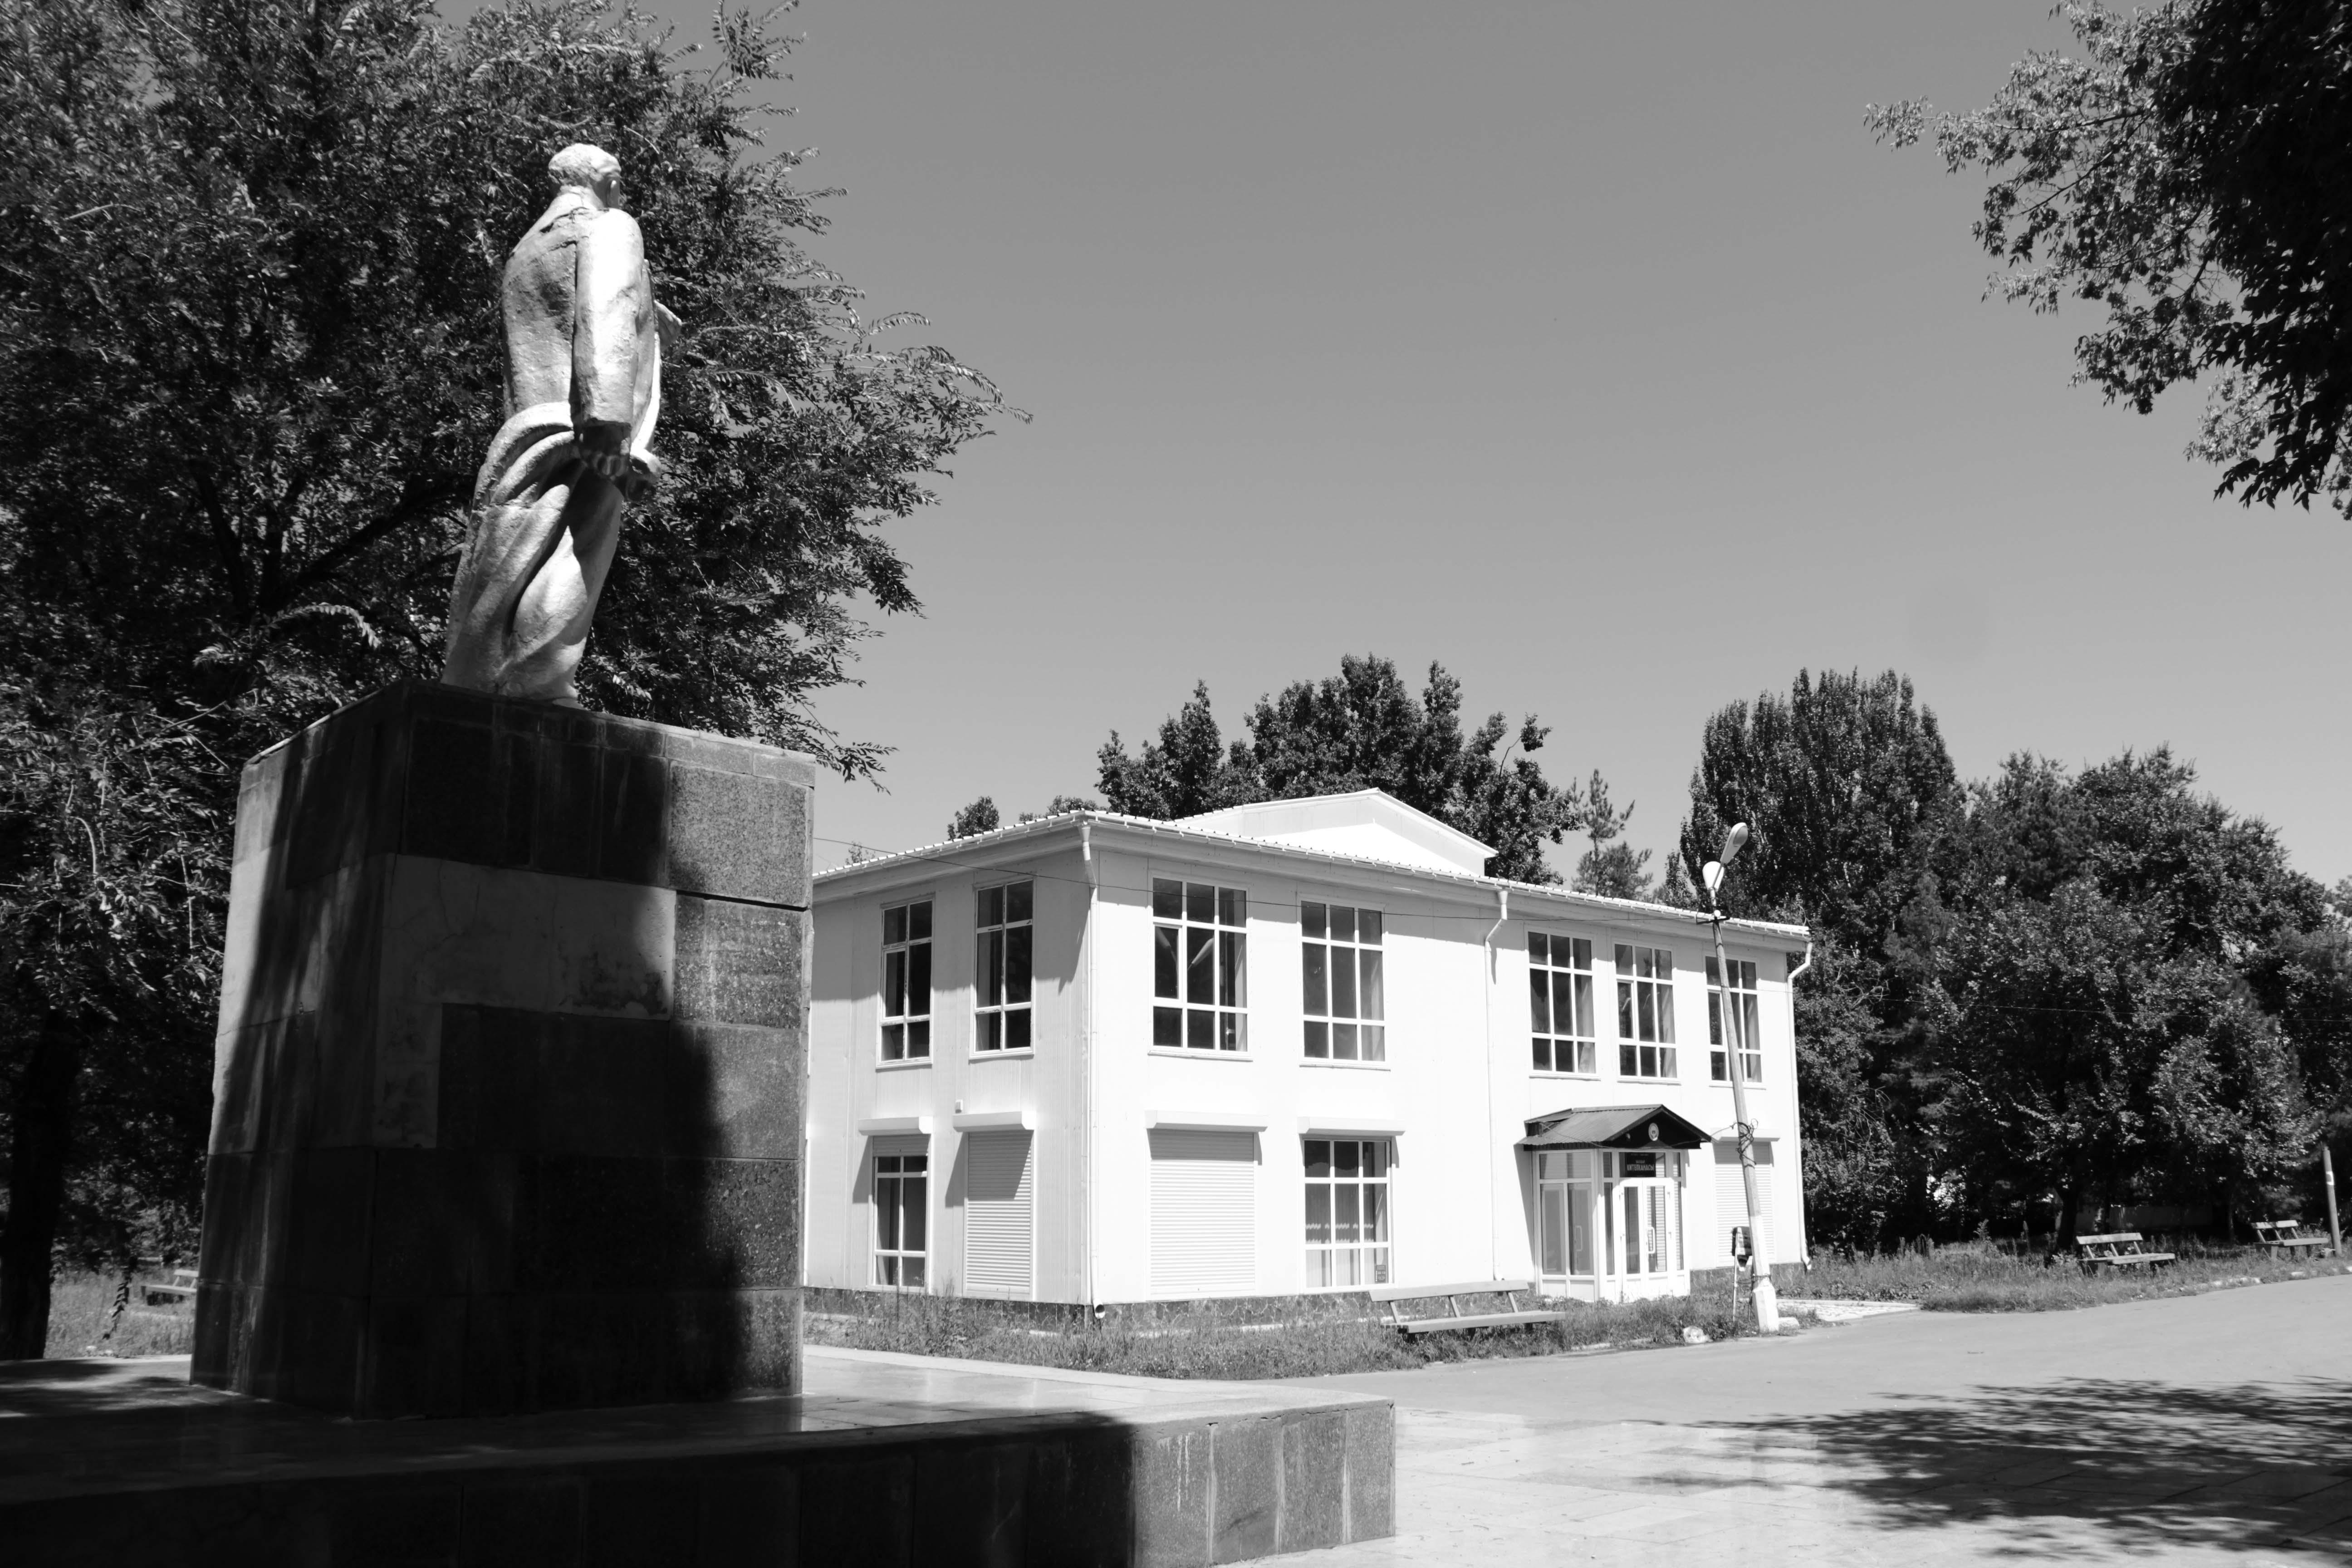 Современное здание Музея (на втором этаже) и детской библиотеки (на первом этаже)в парке Кара-Балты рядом с советским памятником В.Ленину